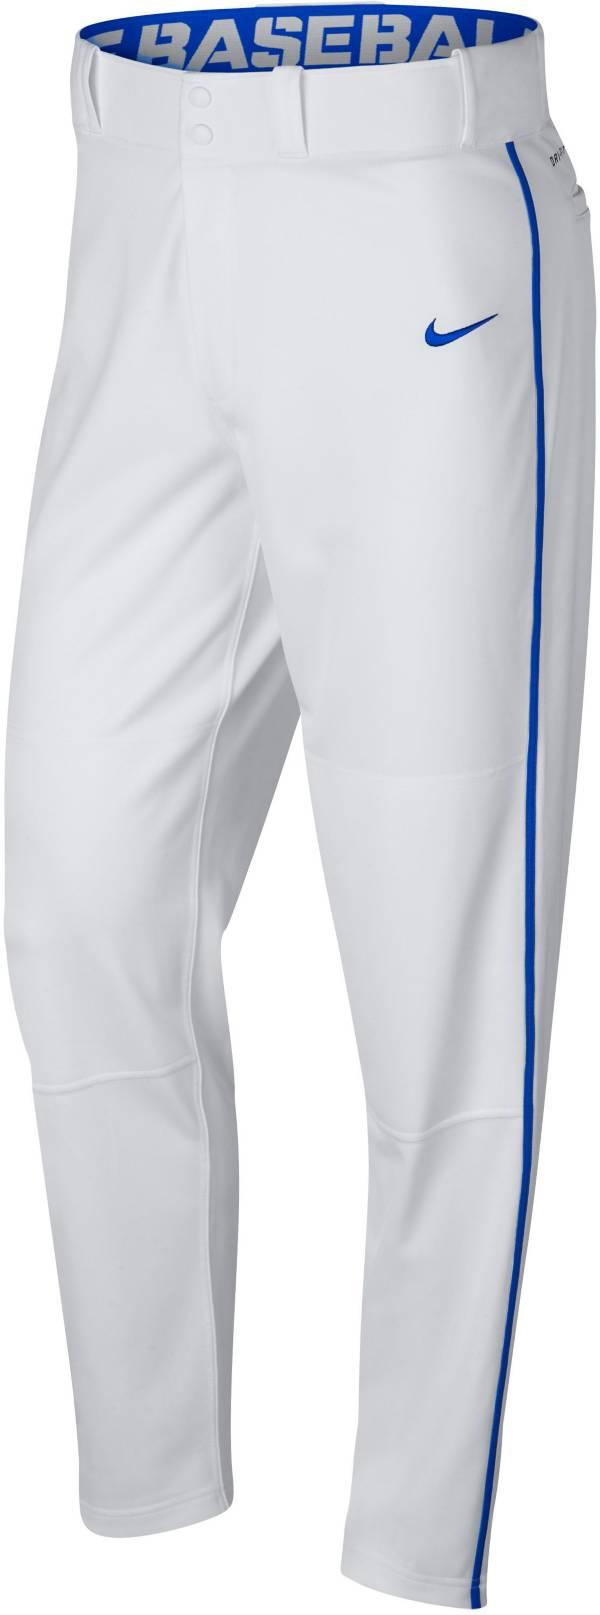 ナイキ メンズ ベースボールパンツ Nike Swoosh Piped Dri-FIT Baseball Pants 野球 WHITE/ROYAL